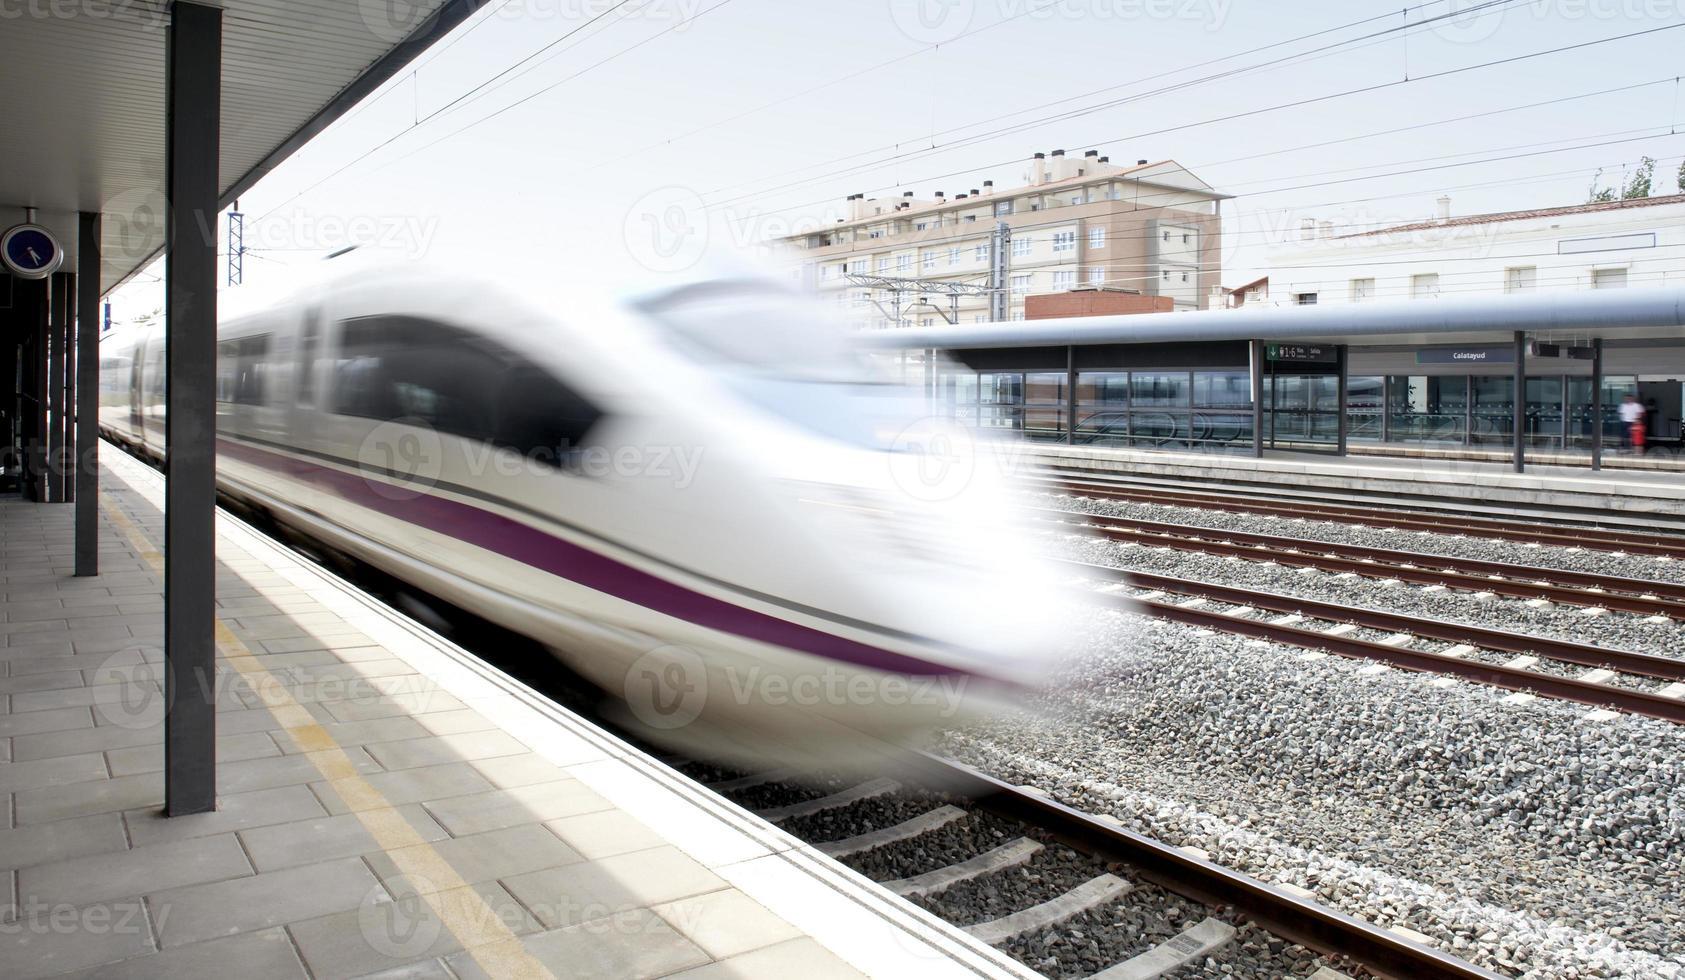 höghastighetståg i rörelse på en järnvägsstation foto